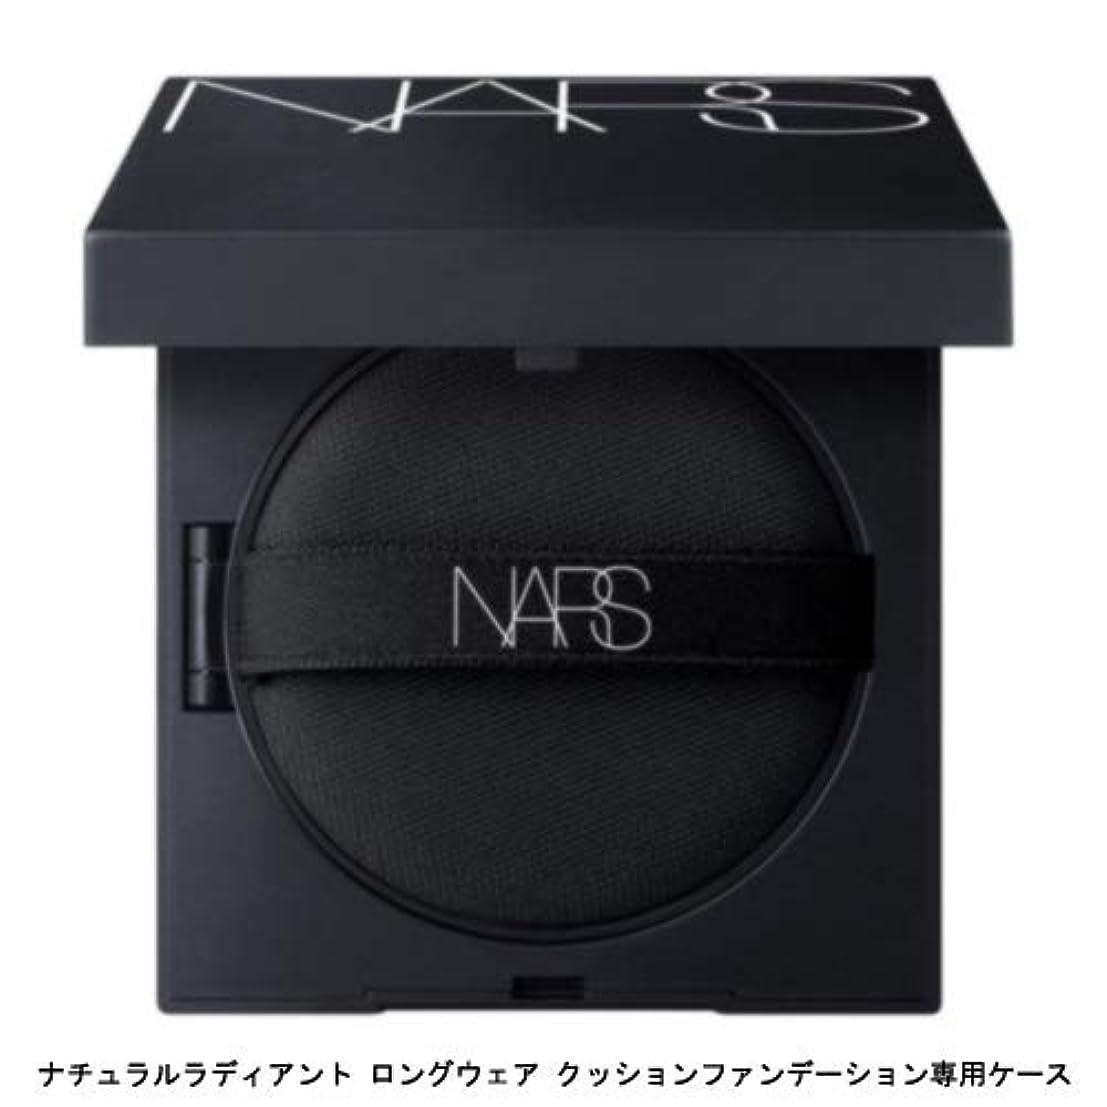 アカウント反対した模索NARS(ナーズ) ナチュラルラディアント ロングウェア クッションファンデーション ケース